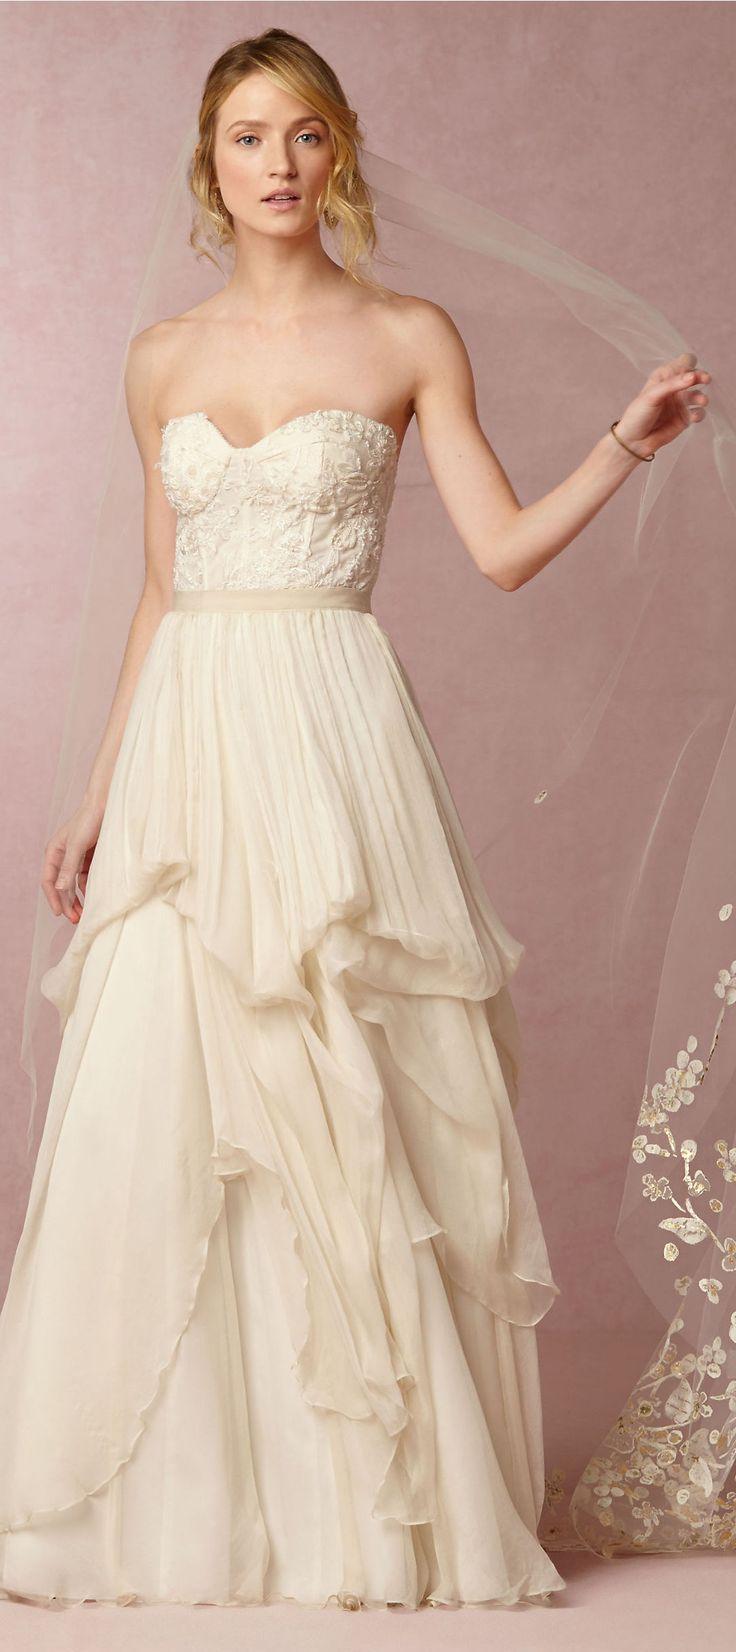 زفاف - Wedding  Grace Dress